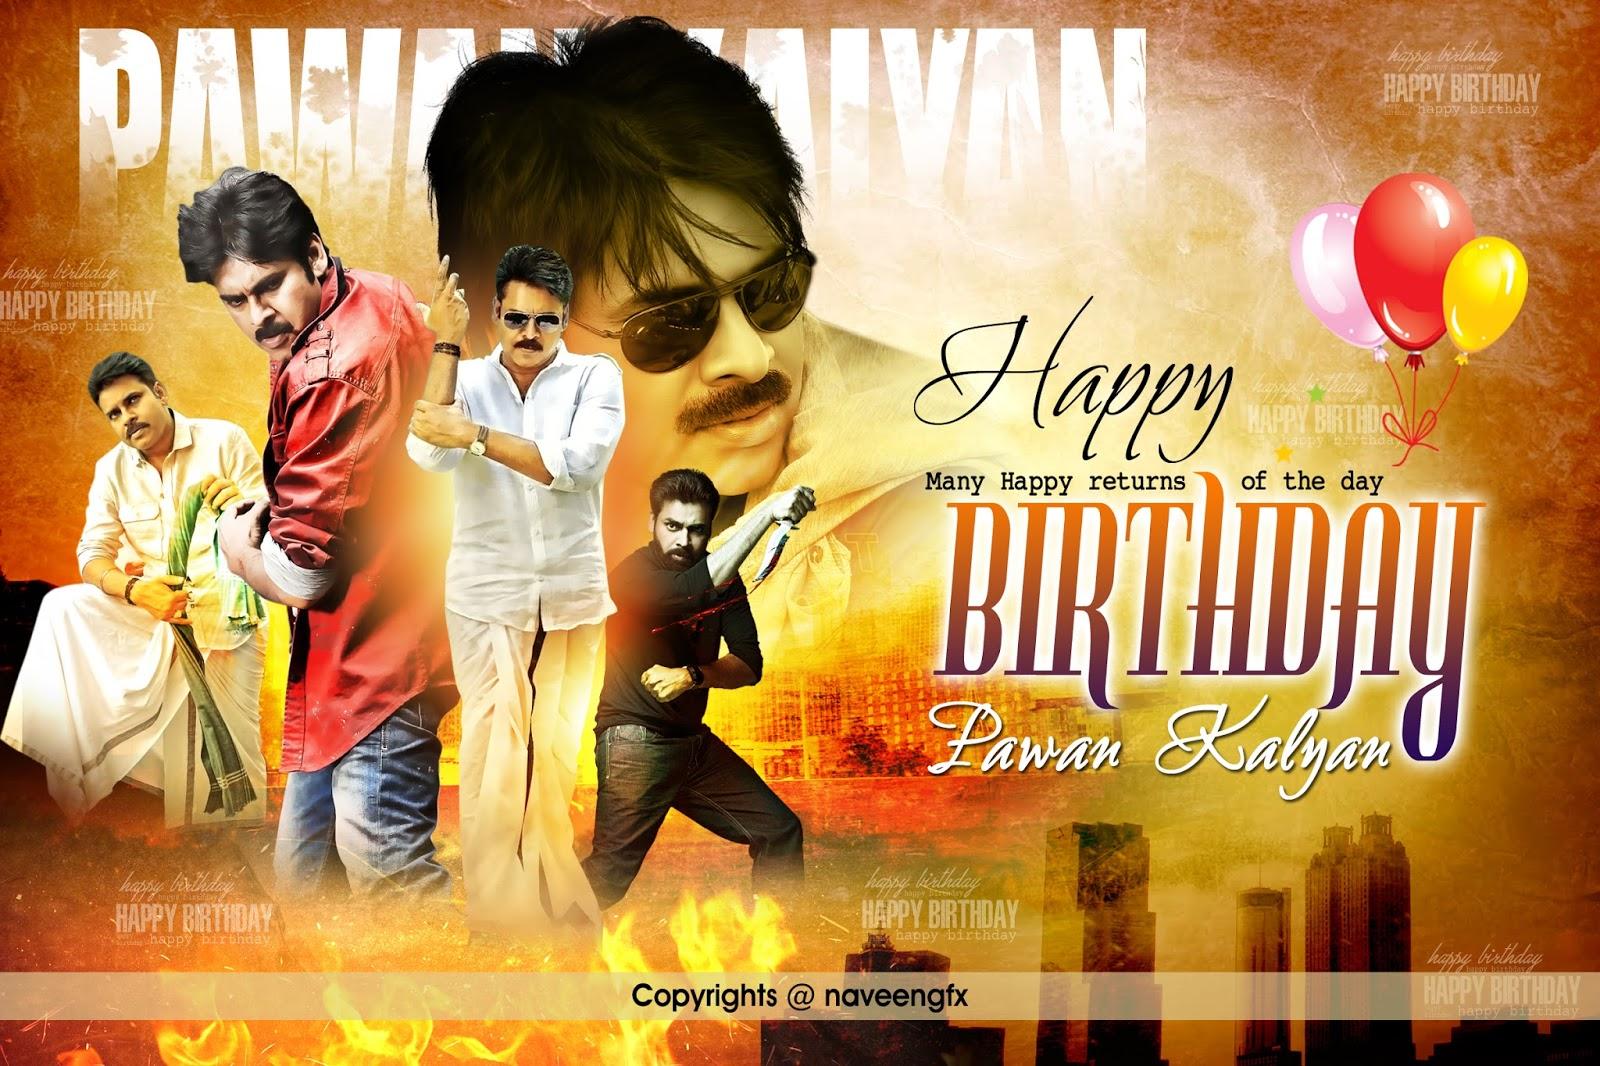 pawan kalyan birthday psd template free downloads for designers